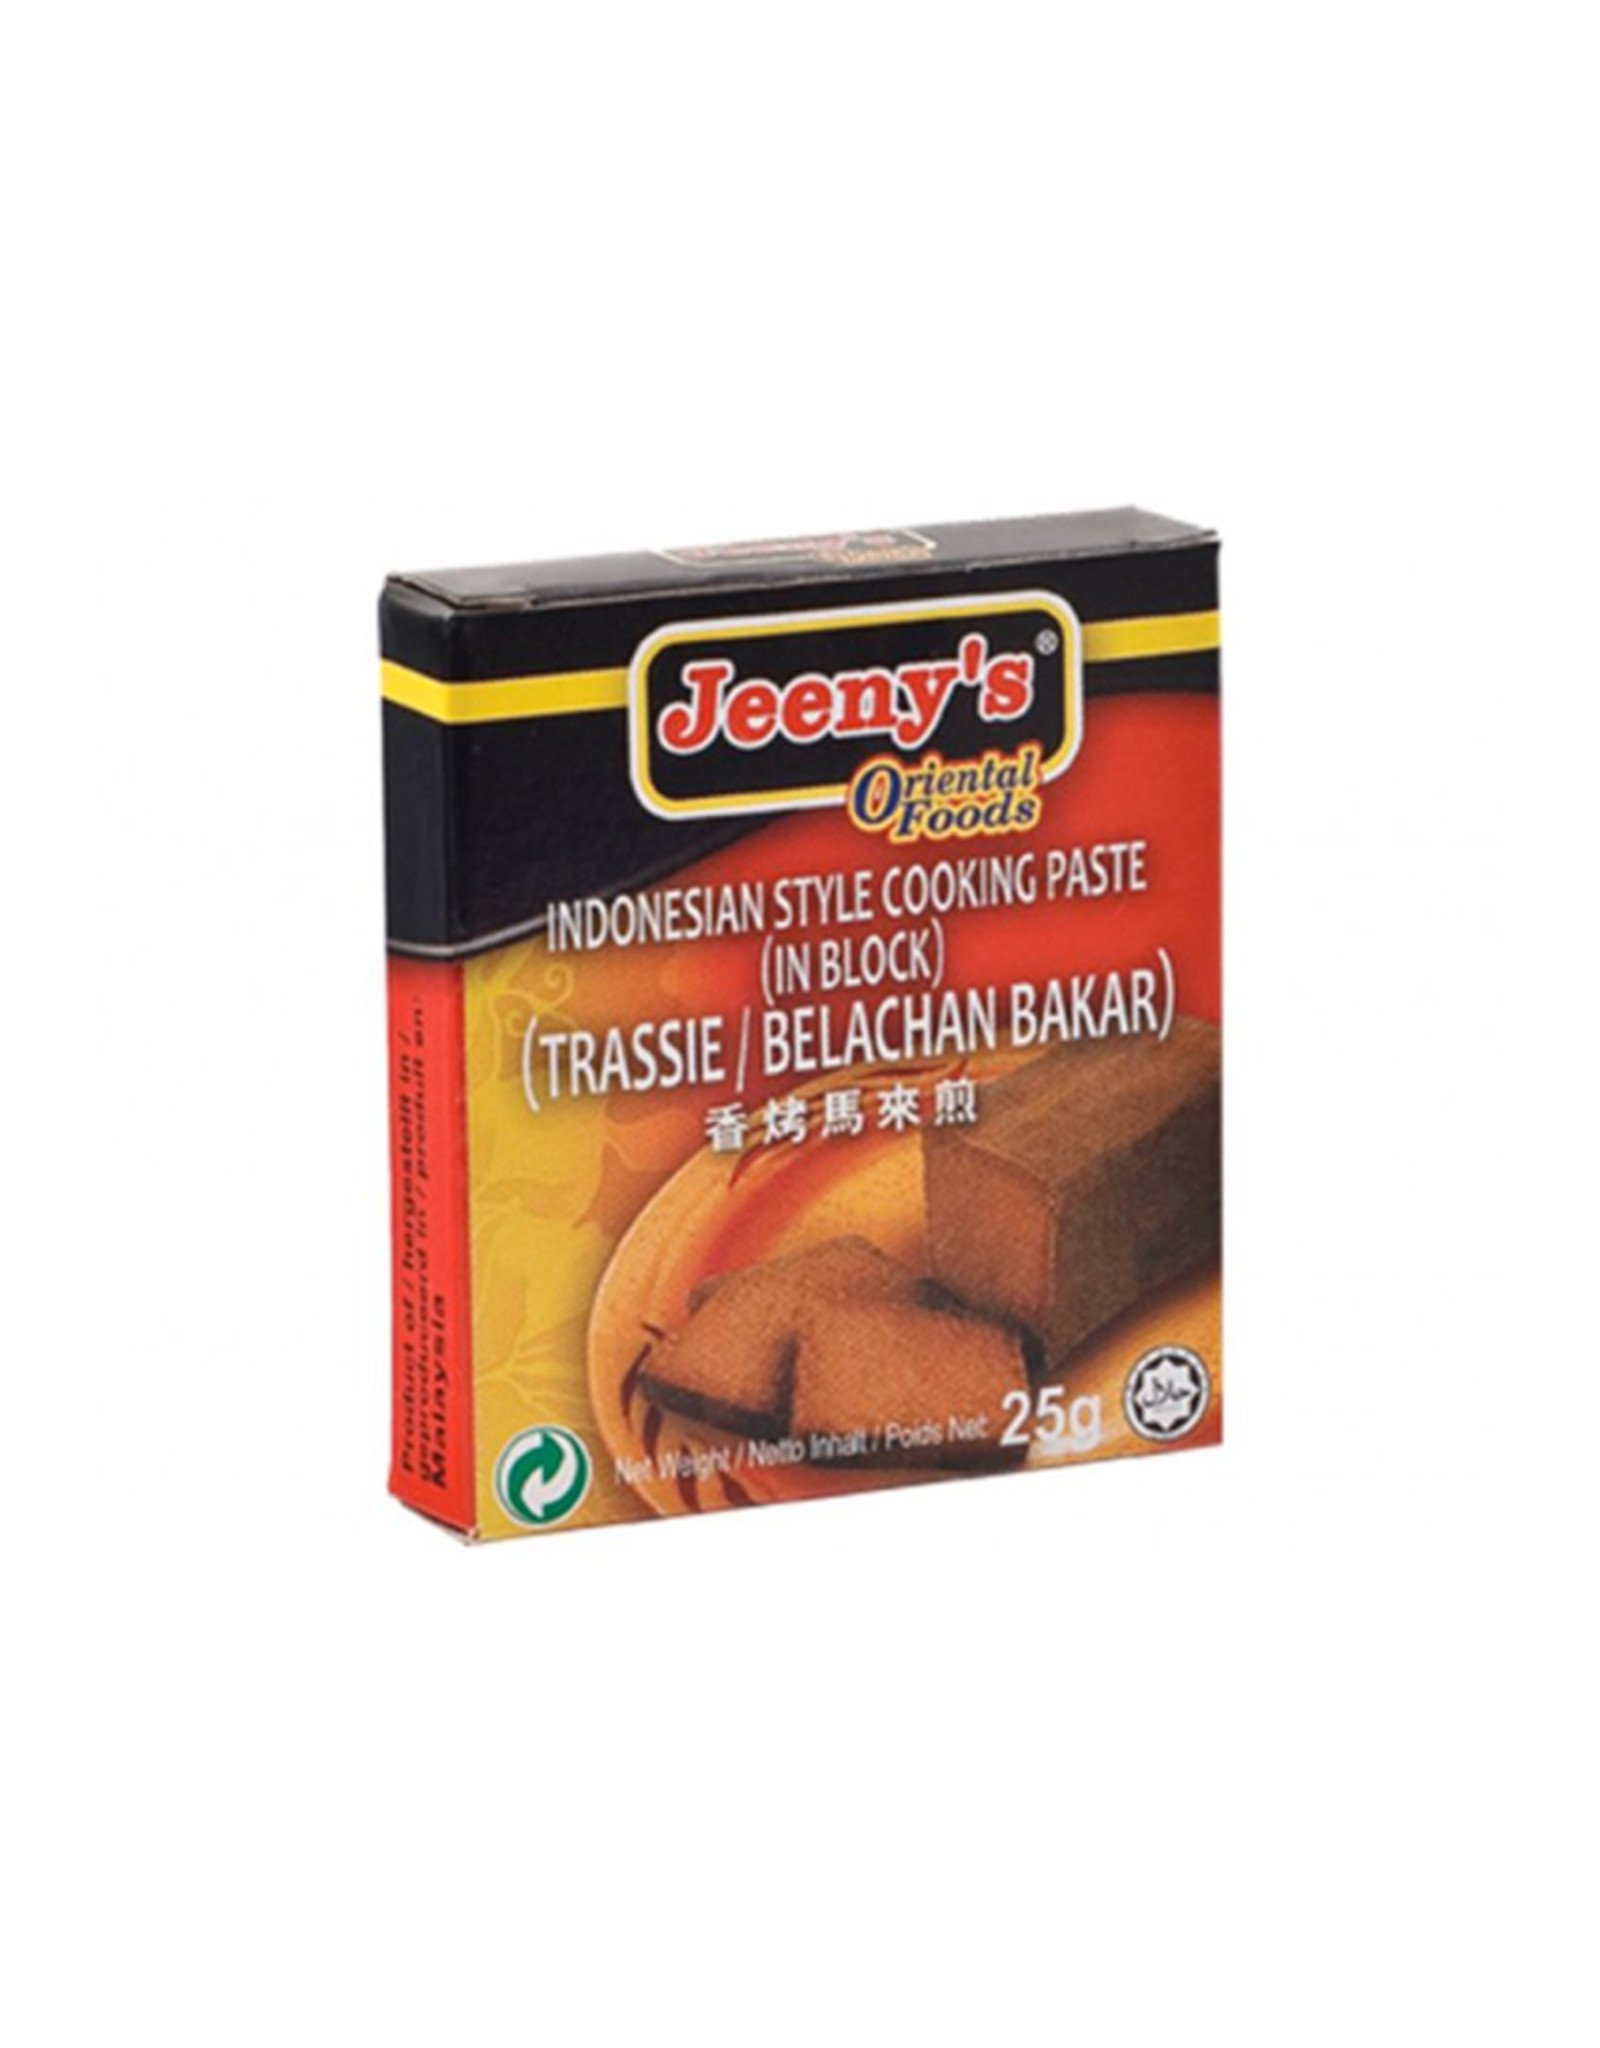 Jeeny's Trassie Belachan Bakar